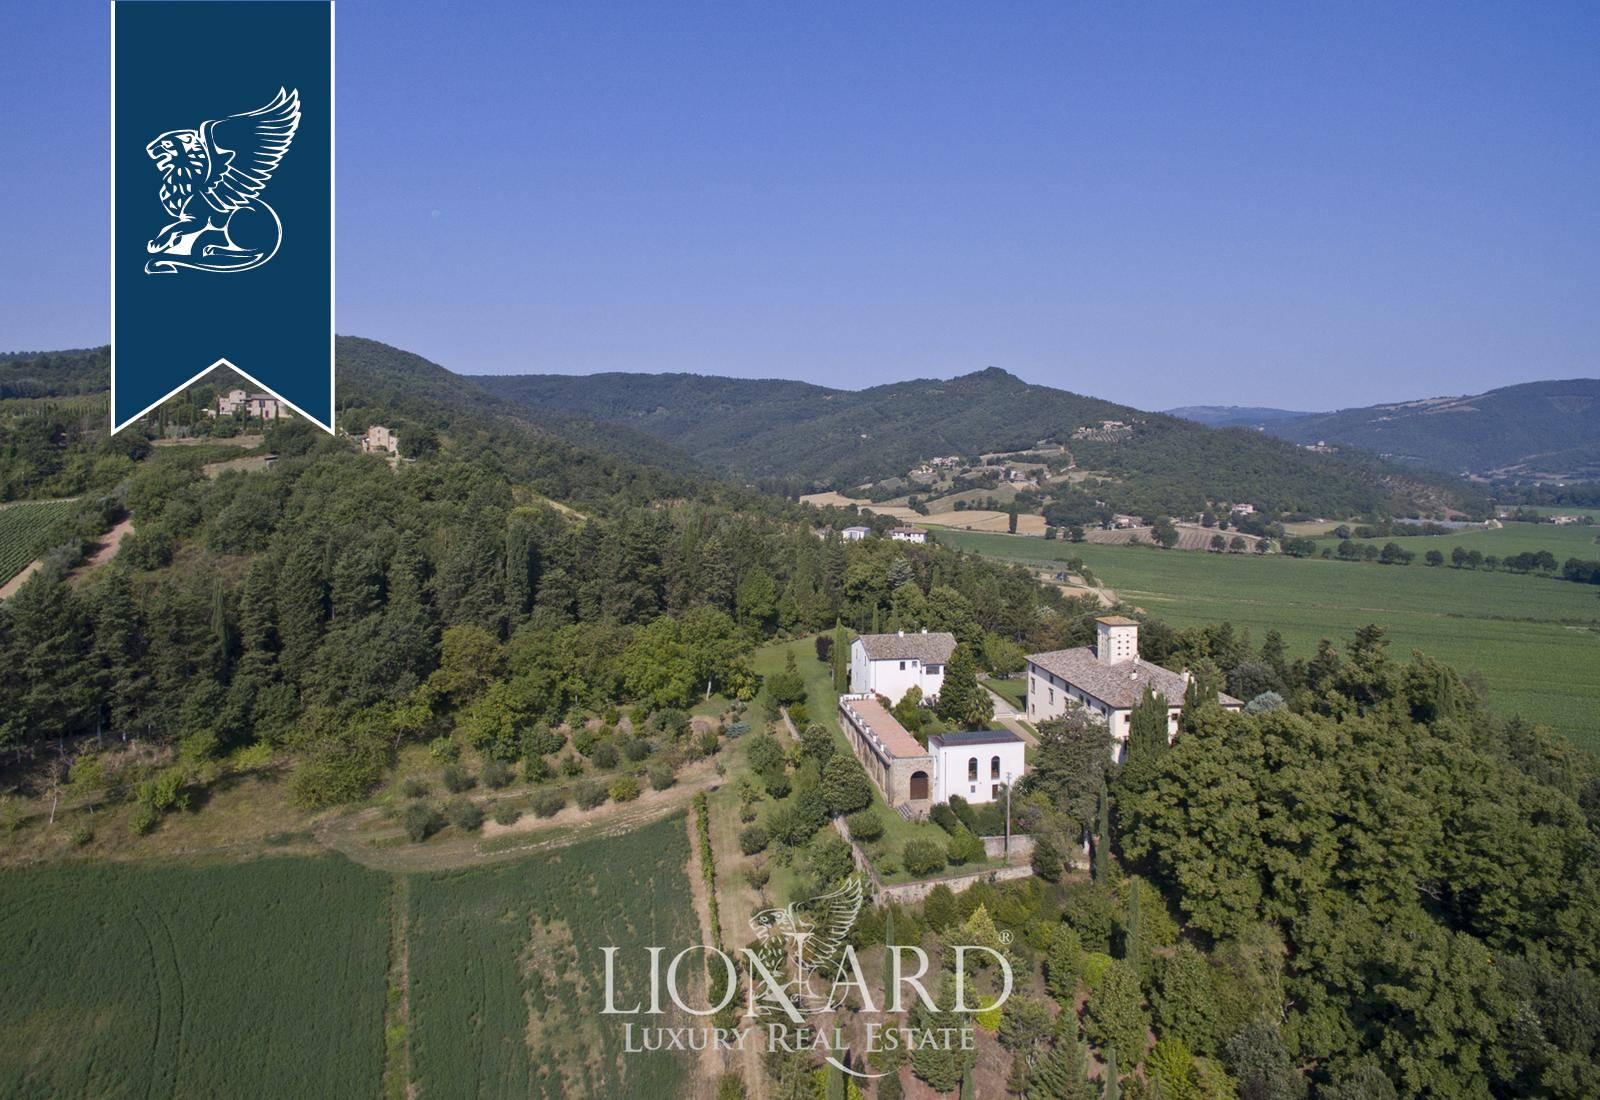 Azienda in Vendita a Citta' Di Castello: 0 locali, 1500 mq - Foto 6